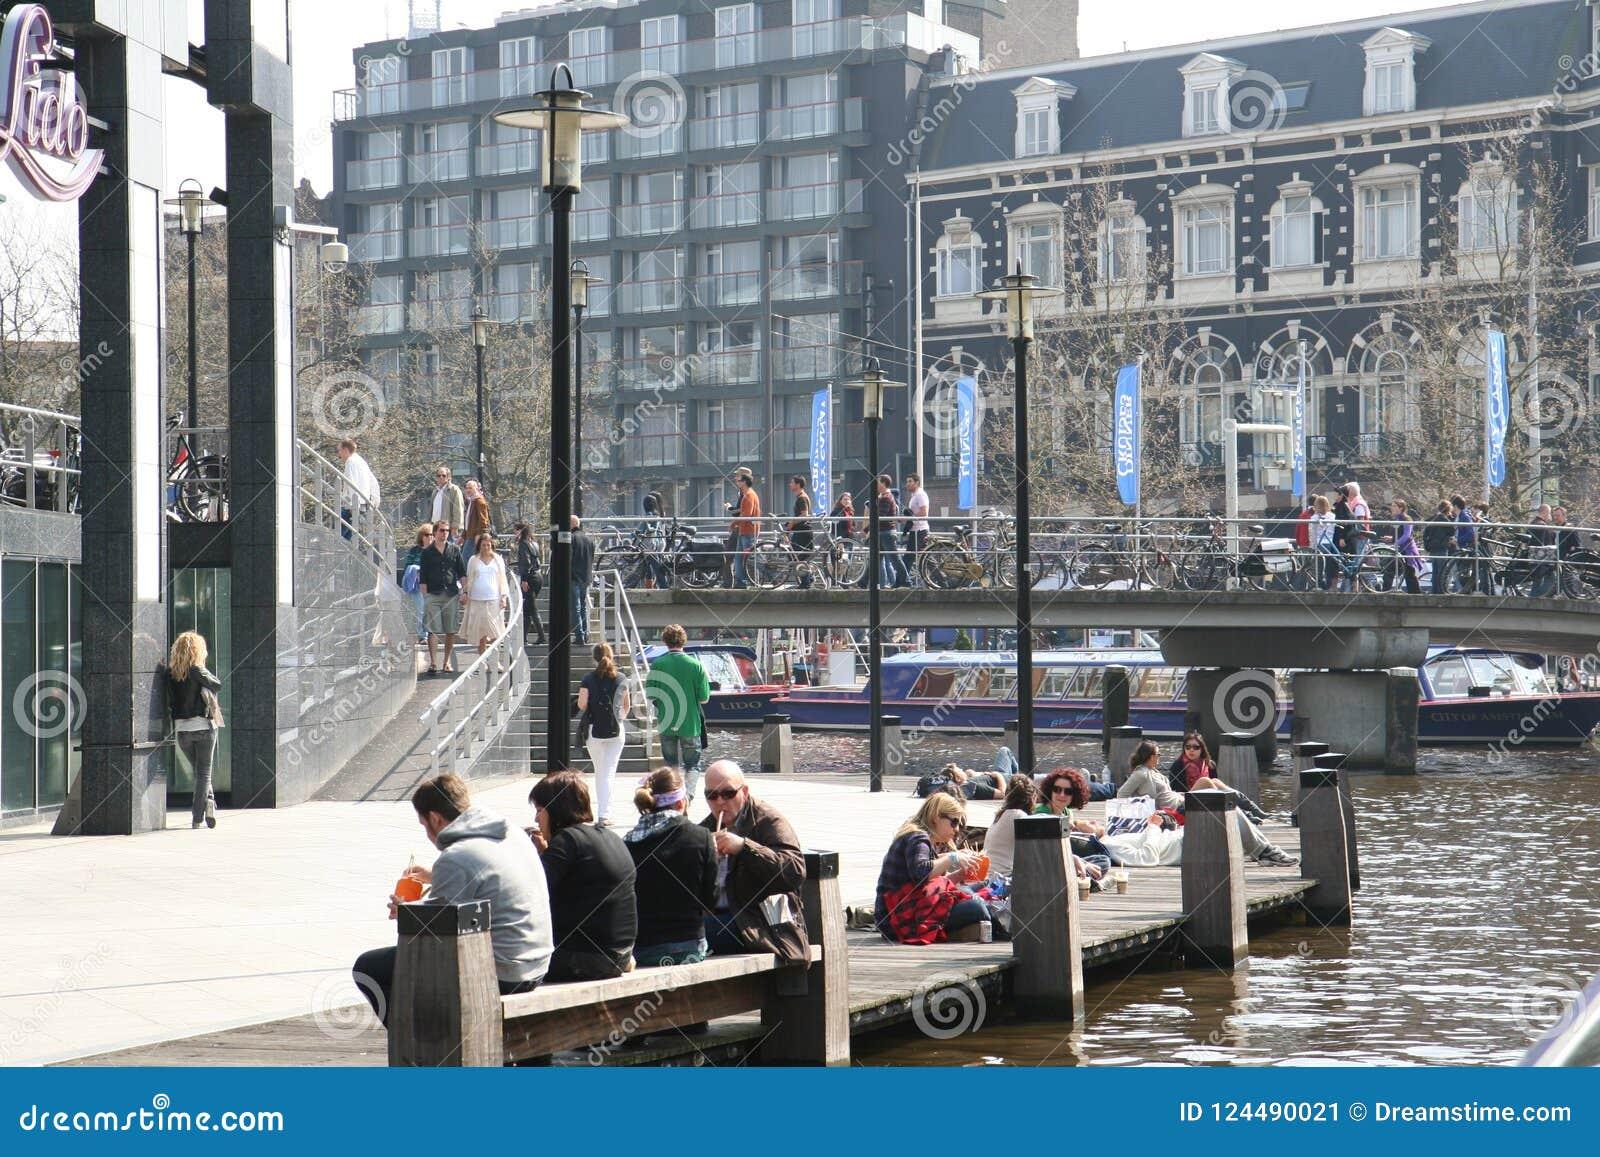 Kwadrat w mieście Ludzie relaksują blisko wody i w kawiarni Ciepły dzień w mieście